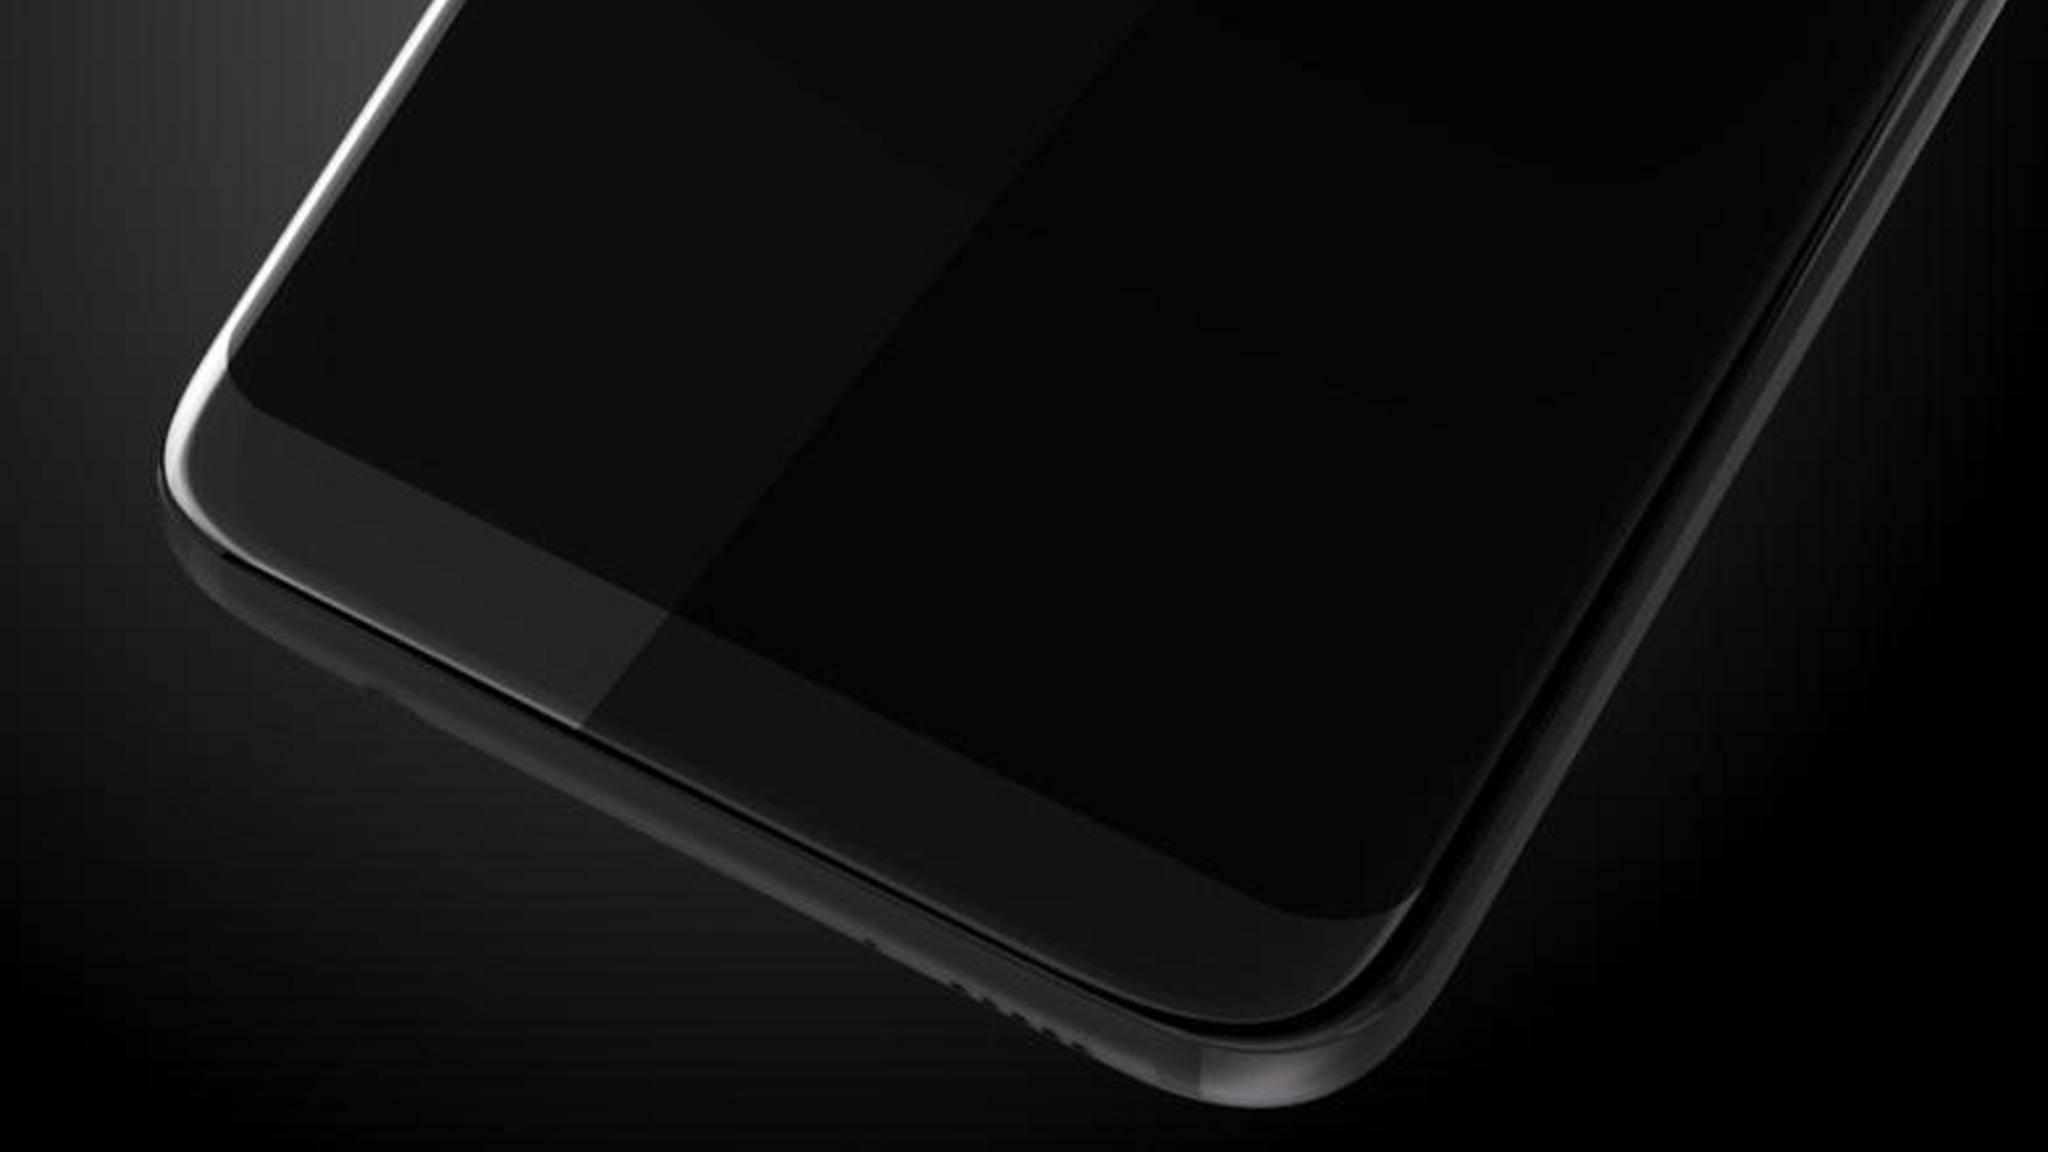 Das Galaxy S8 wird das erste Samsung-Gerät mit Bixby.